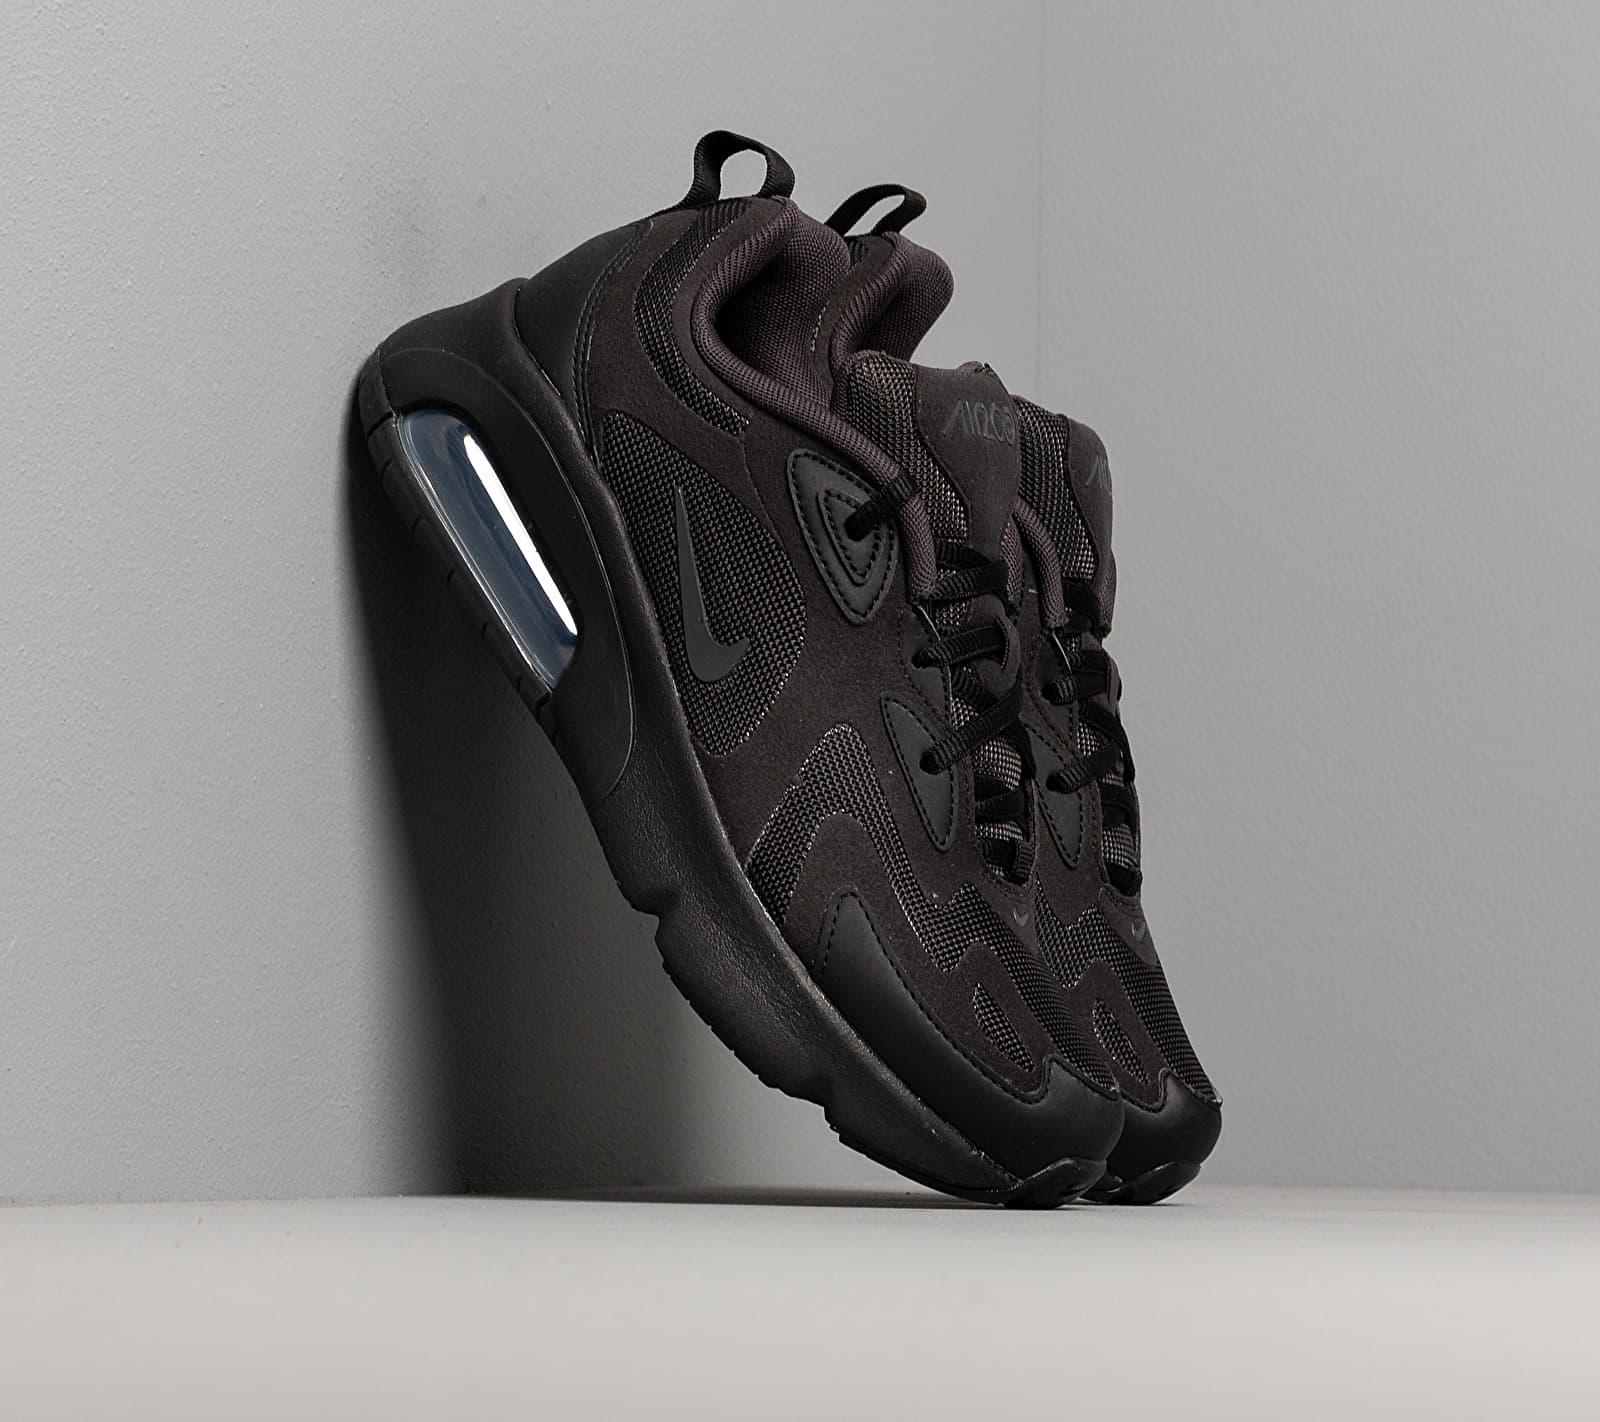 Nike Air Max 200 (GS) Black/ Anthracite EUR 36